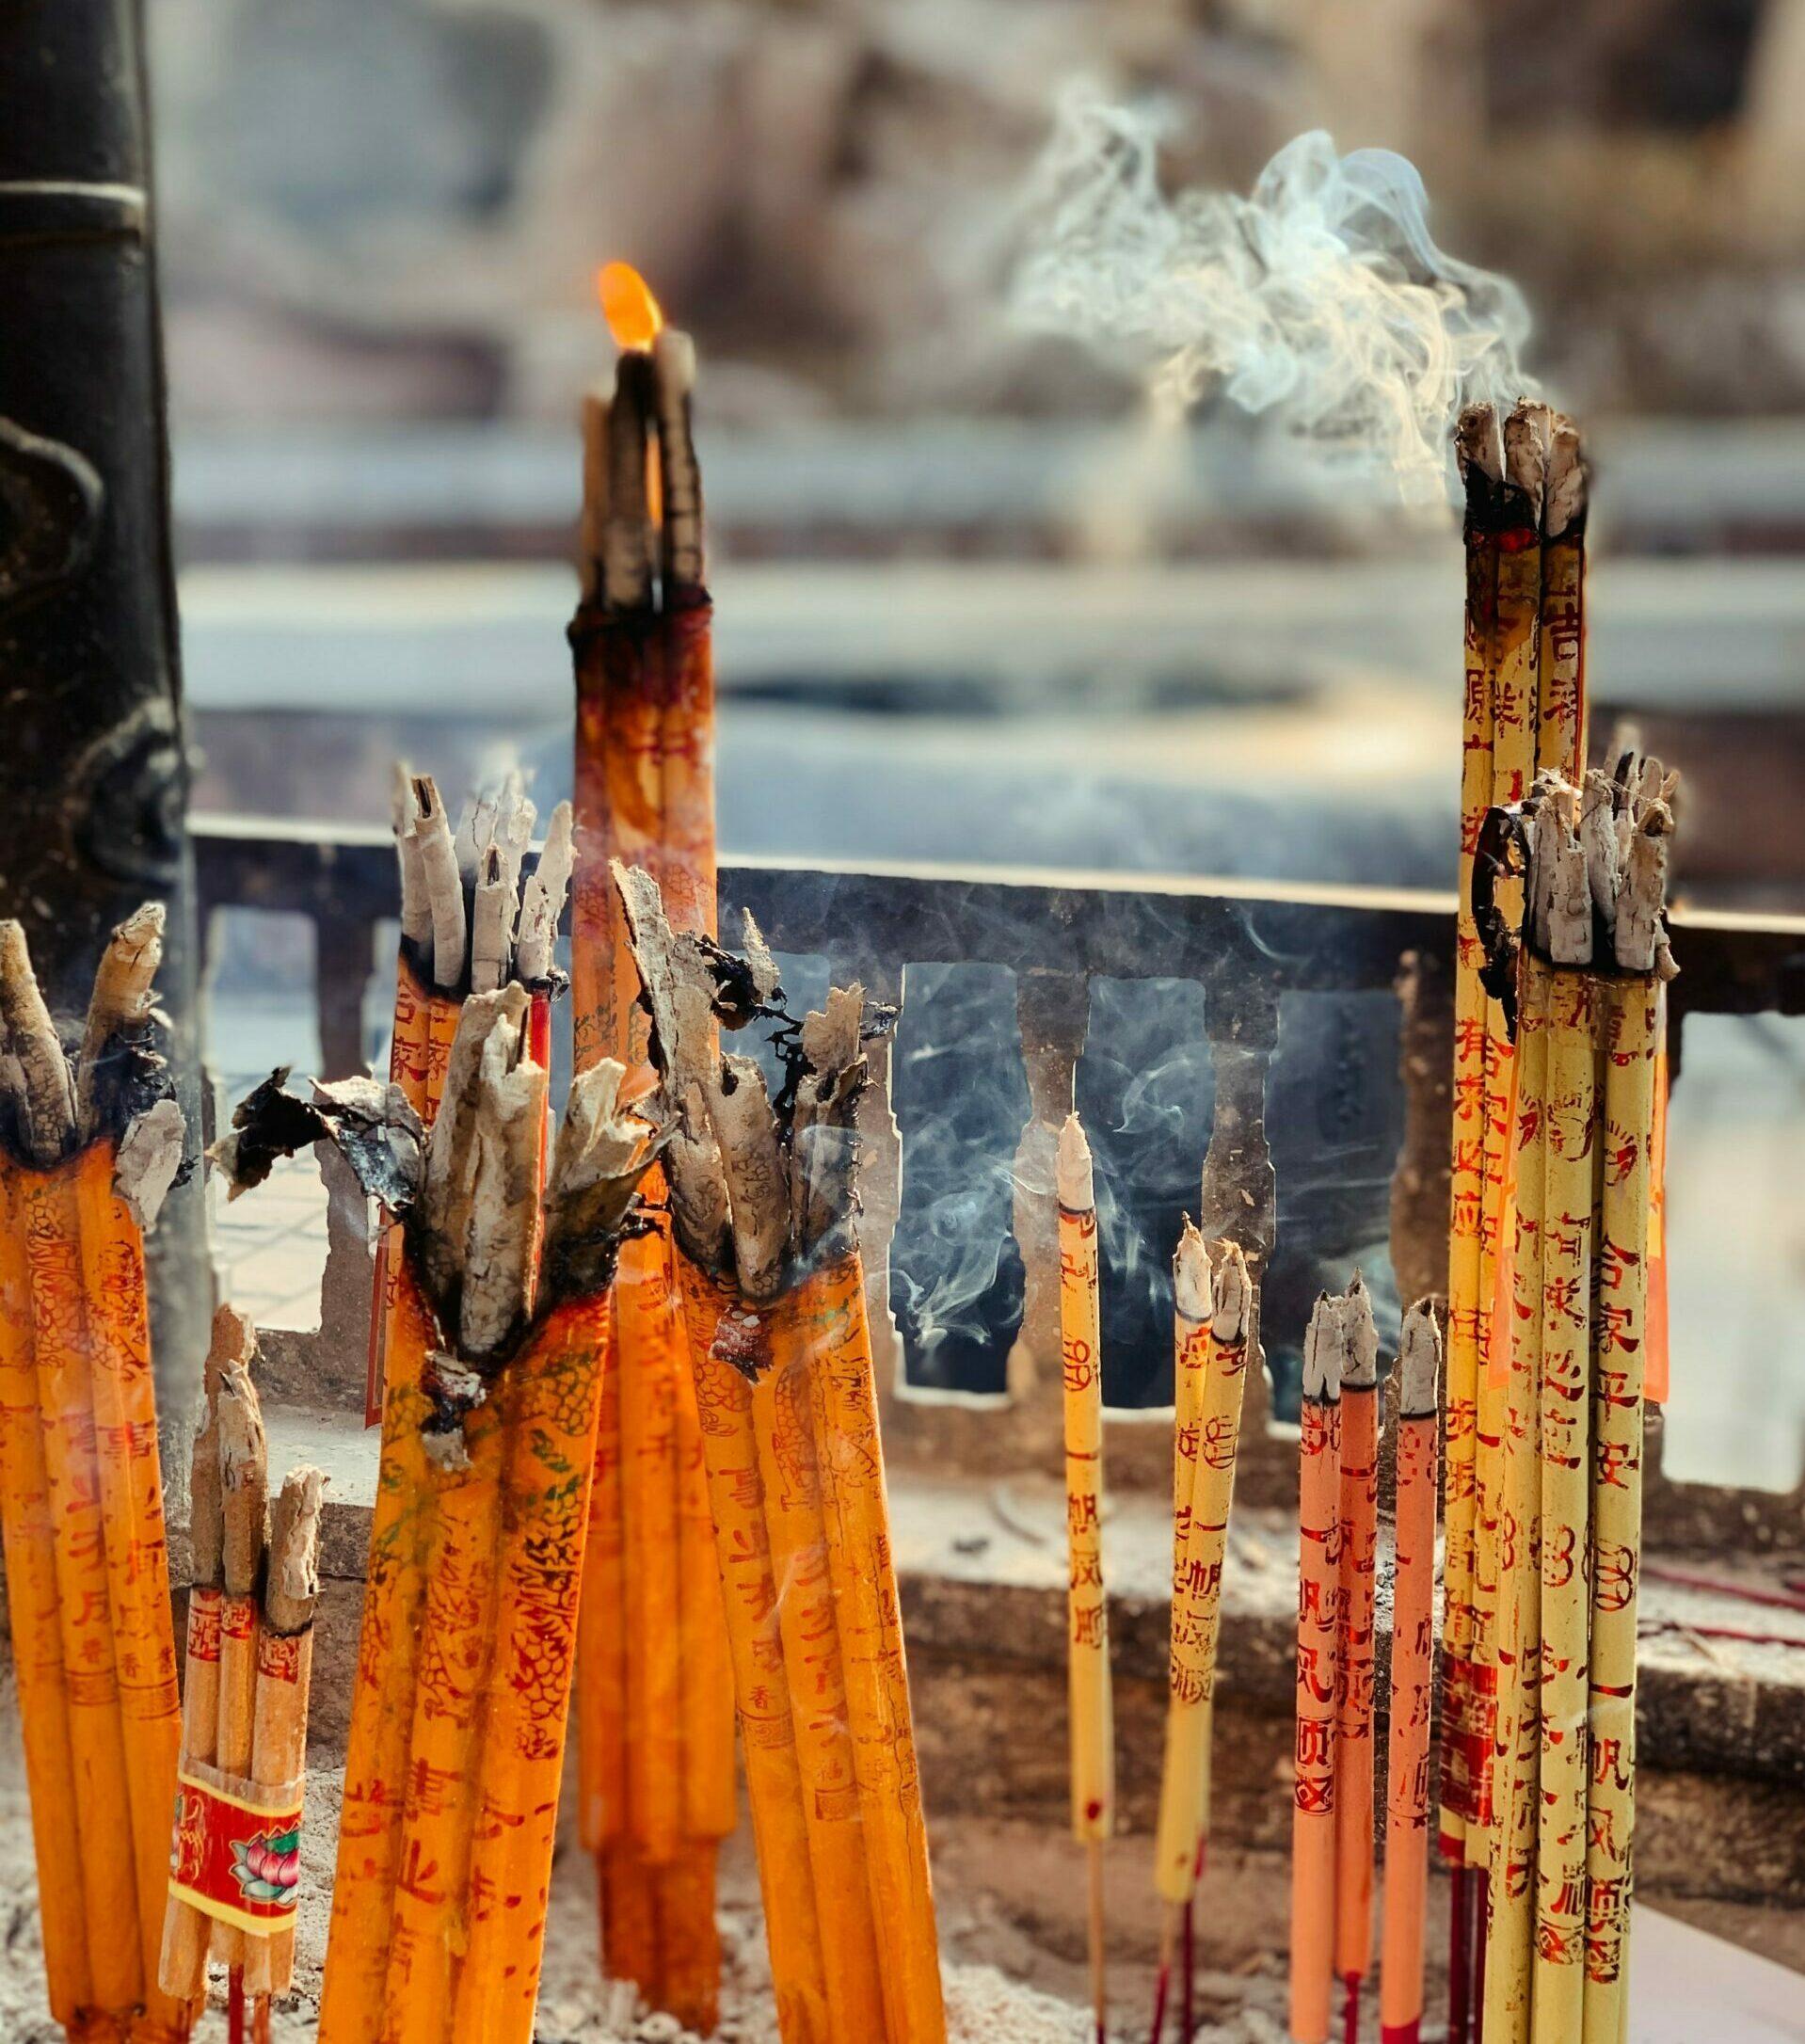 Chinese Uitvaart. Het branden van Wierook